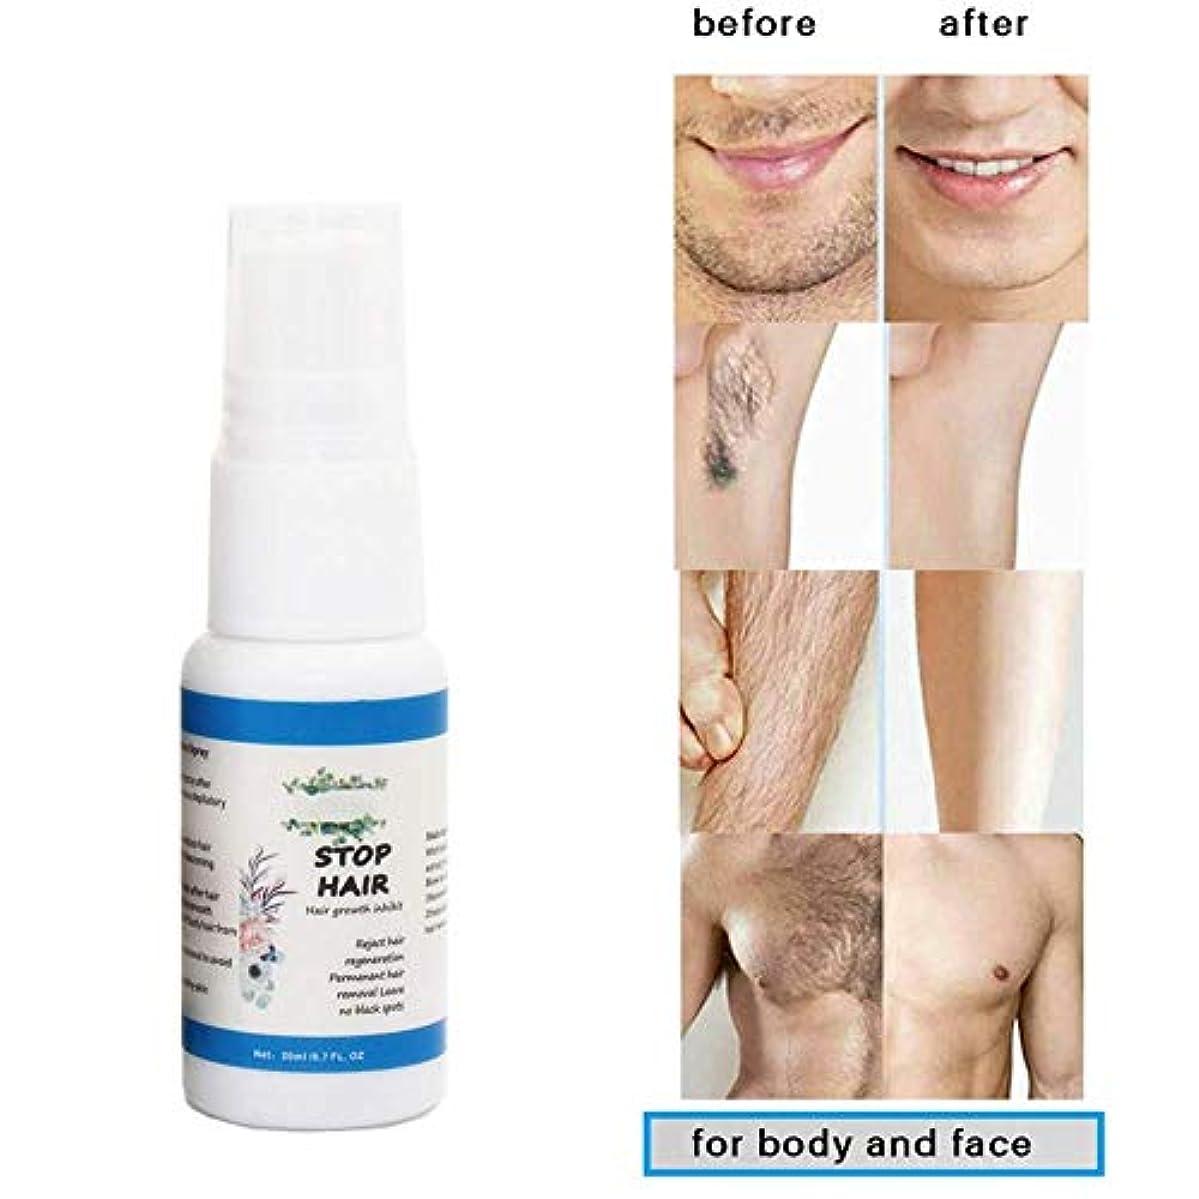 放棄する従順増加する脱毛スプレー阻害剤発毛血清発毛除去を防ぎます修理脱毛剤製品ナチュラル非刺激栄養毛穴シュリンク20ml